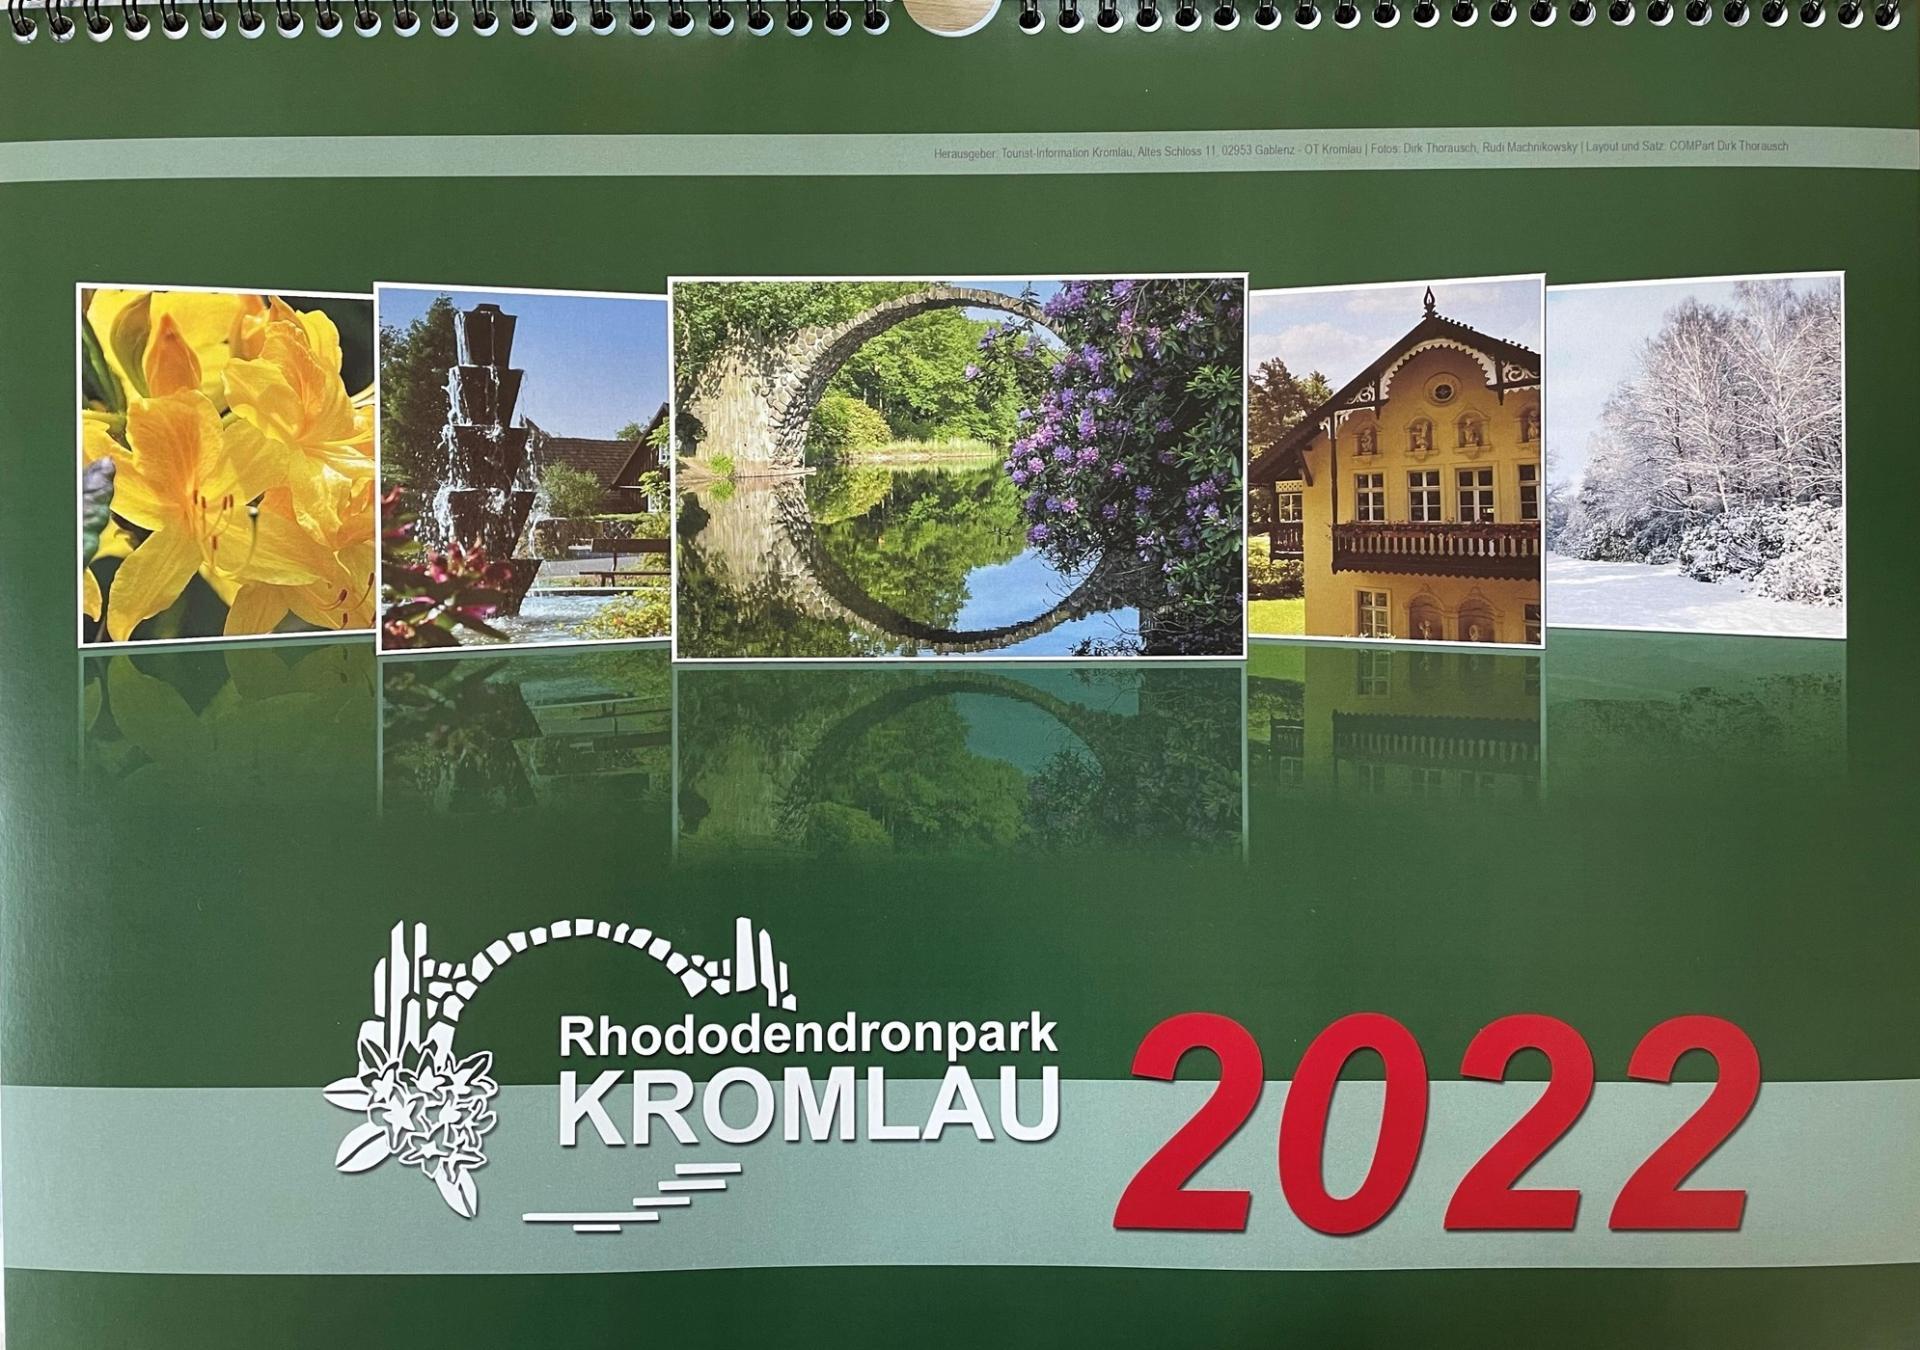 Kalender Kromlau